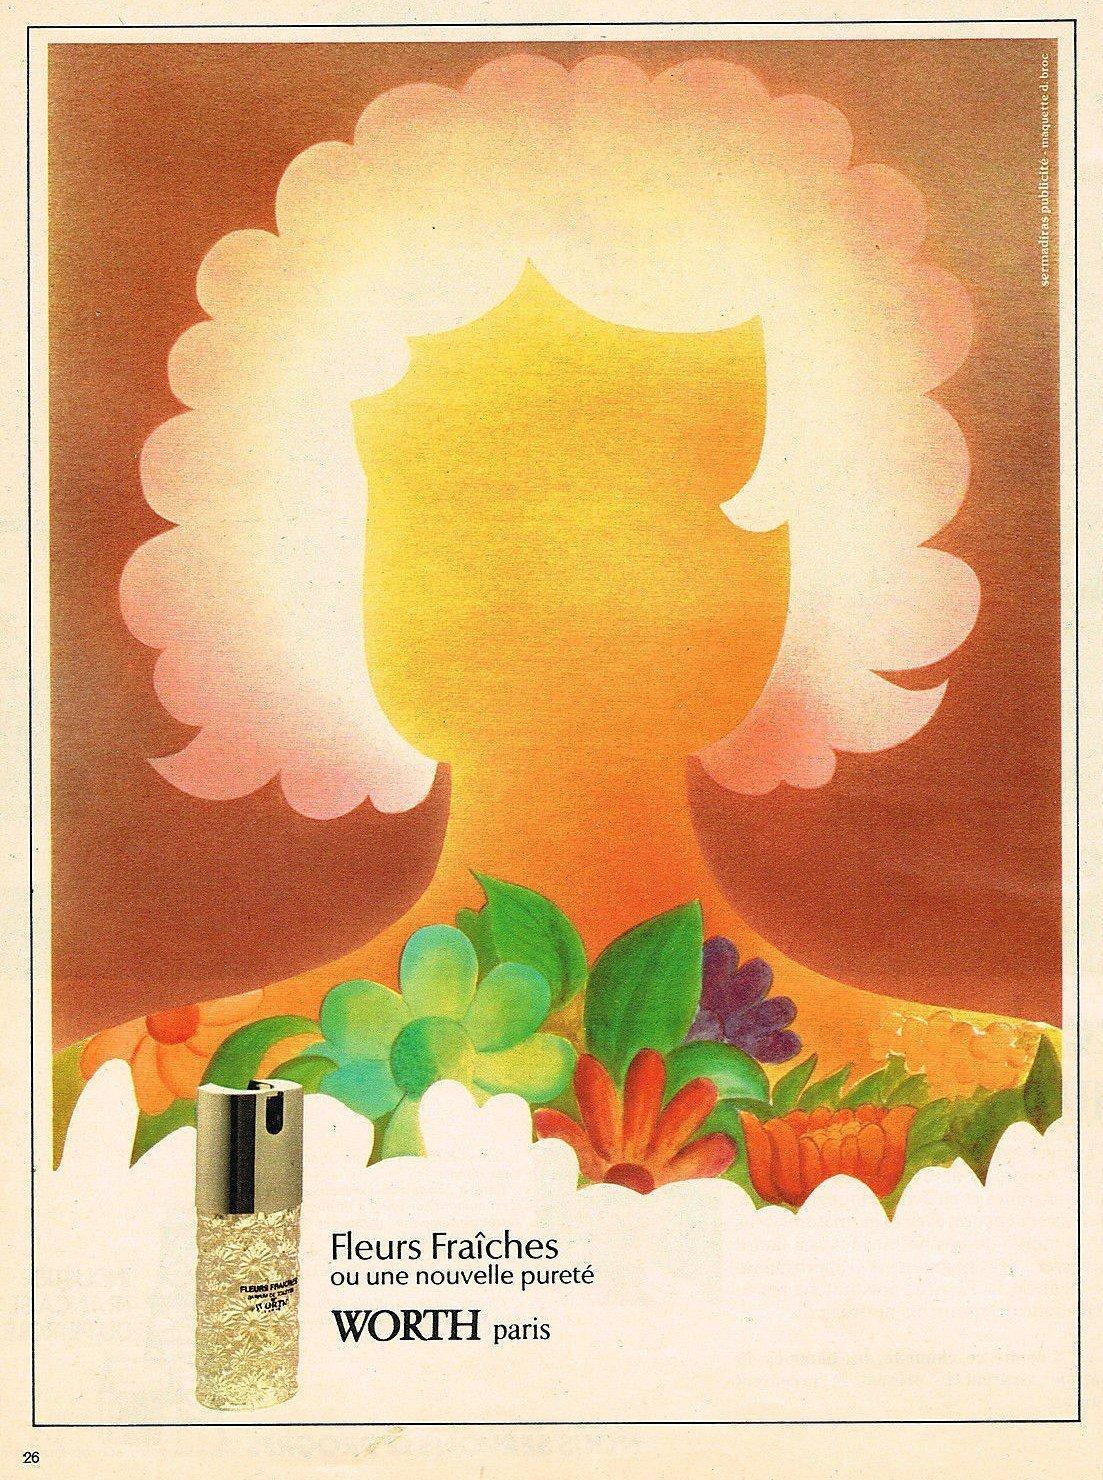 Worth fleurs fra ches 1973 for Fleurs fraiches